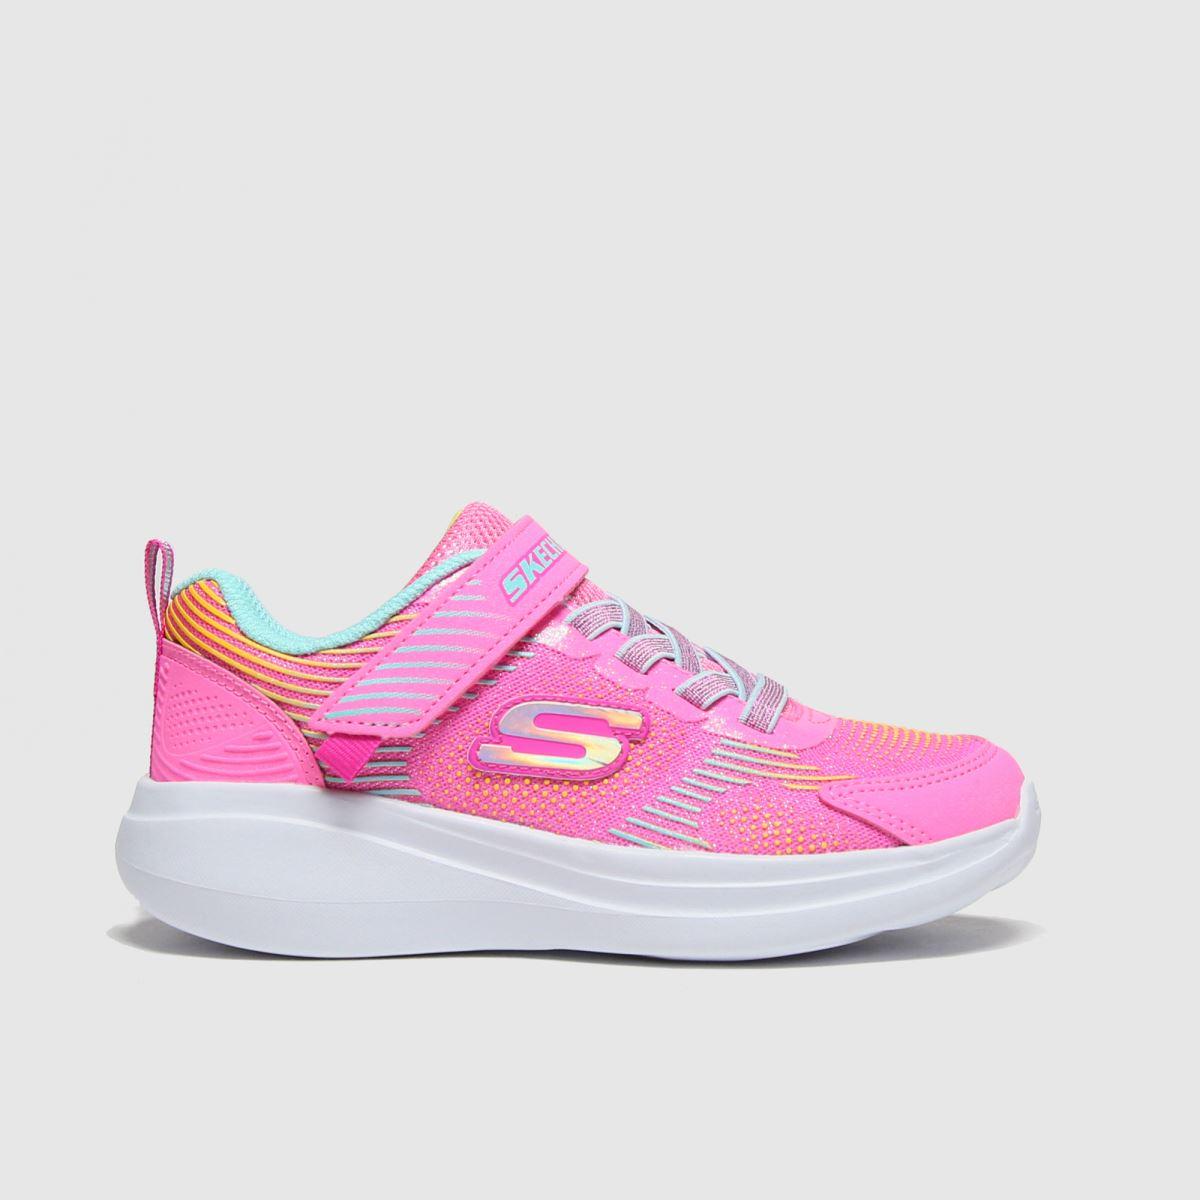 SKECHERS Pink Go Run Neon Jams Trainers Junior